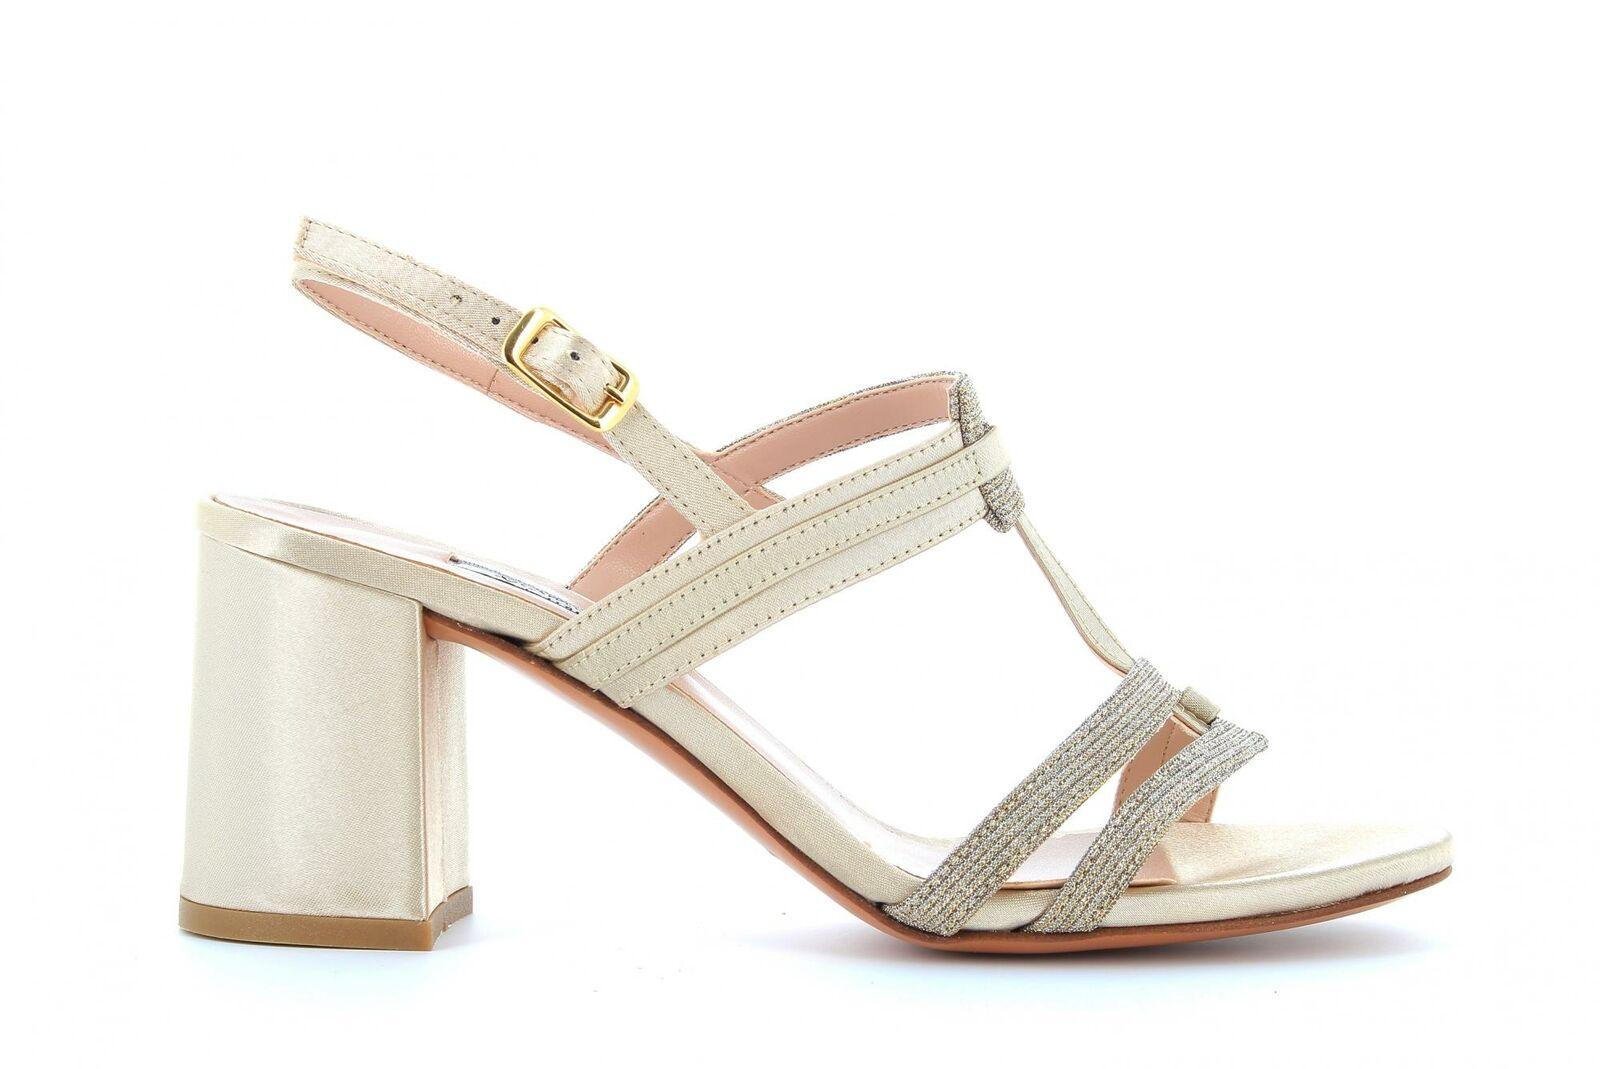 L' amour p19s women's shoes sandal 953 beige